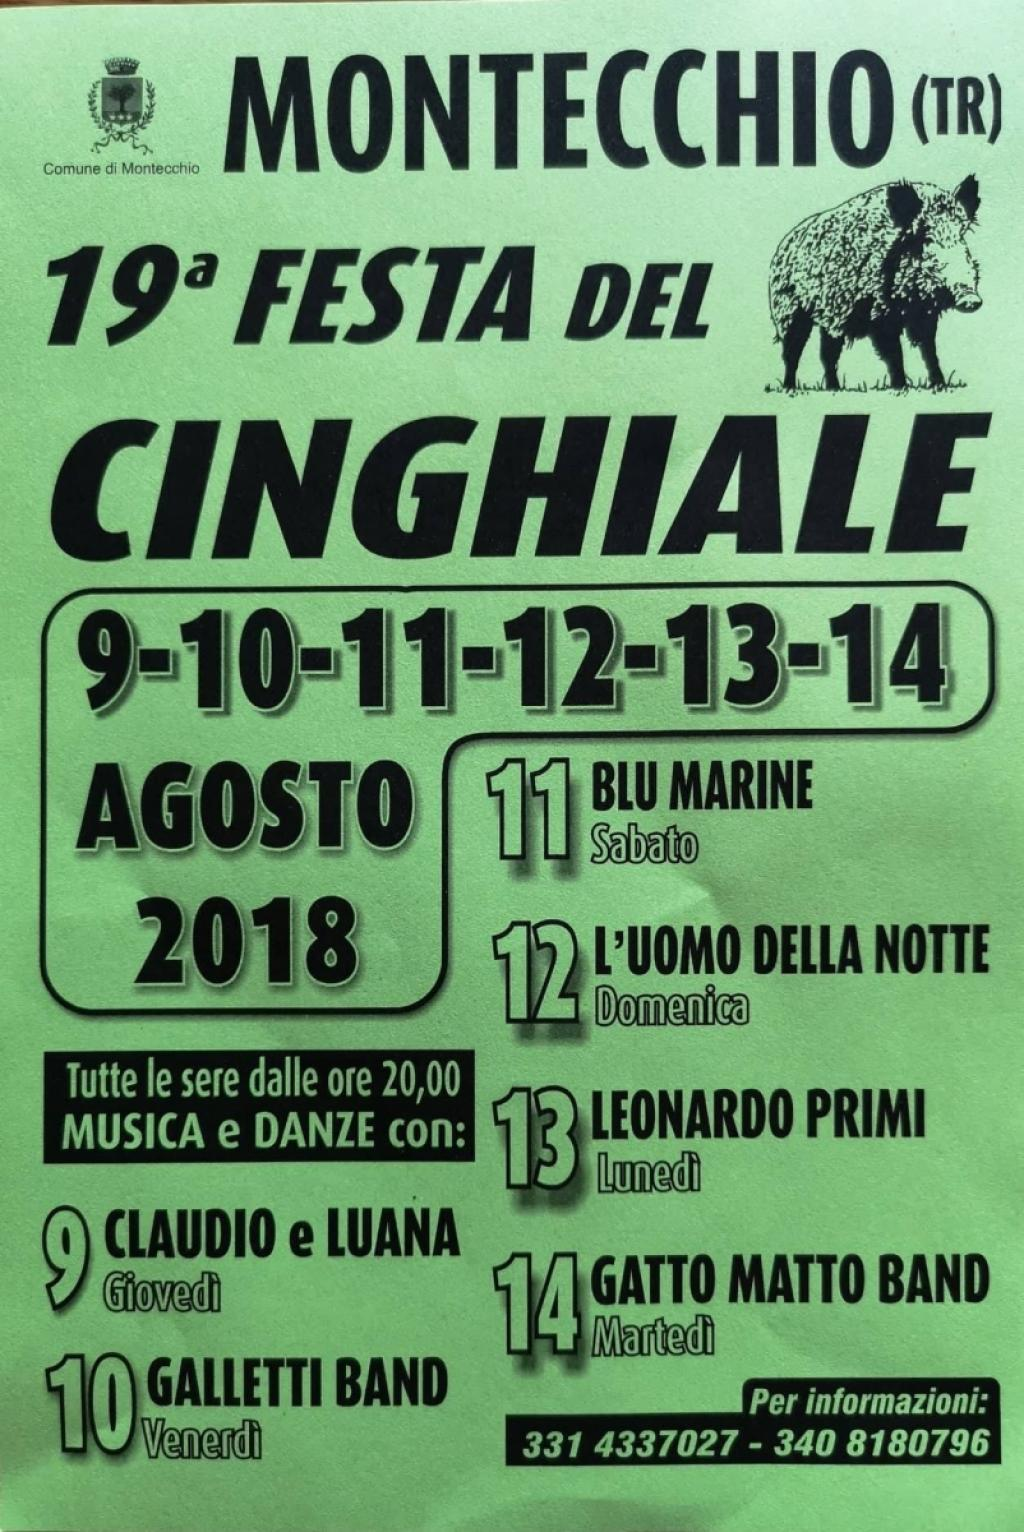 19^ Sagra del cinghiale di Montecchio - 2018